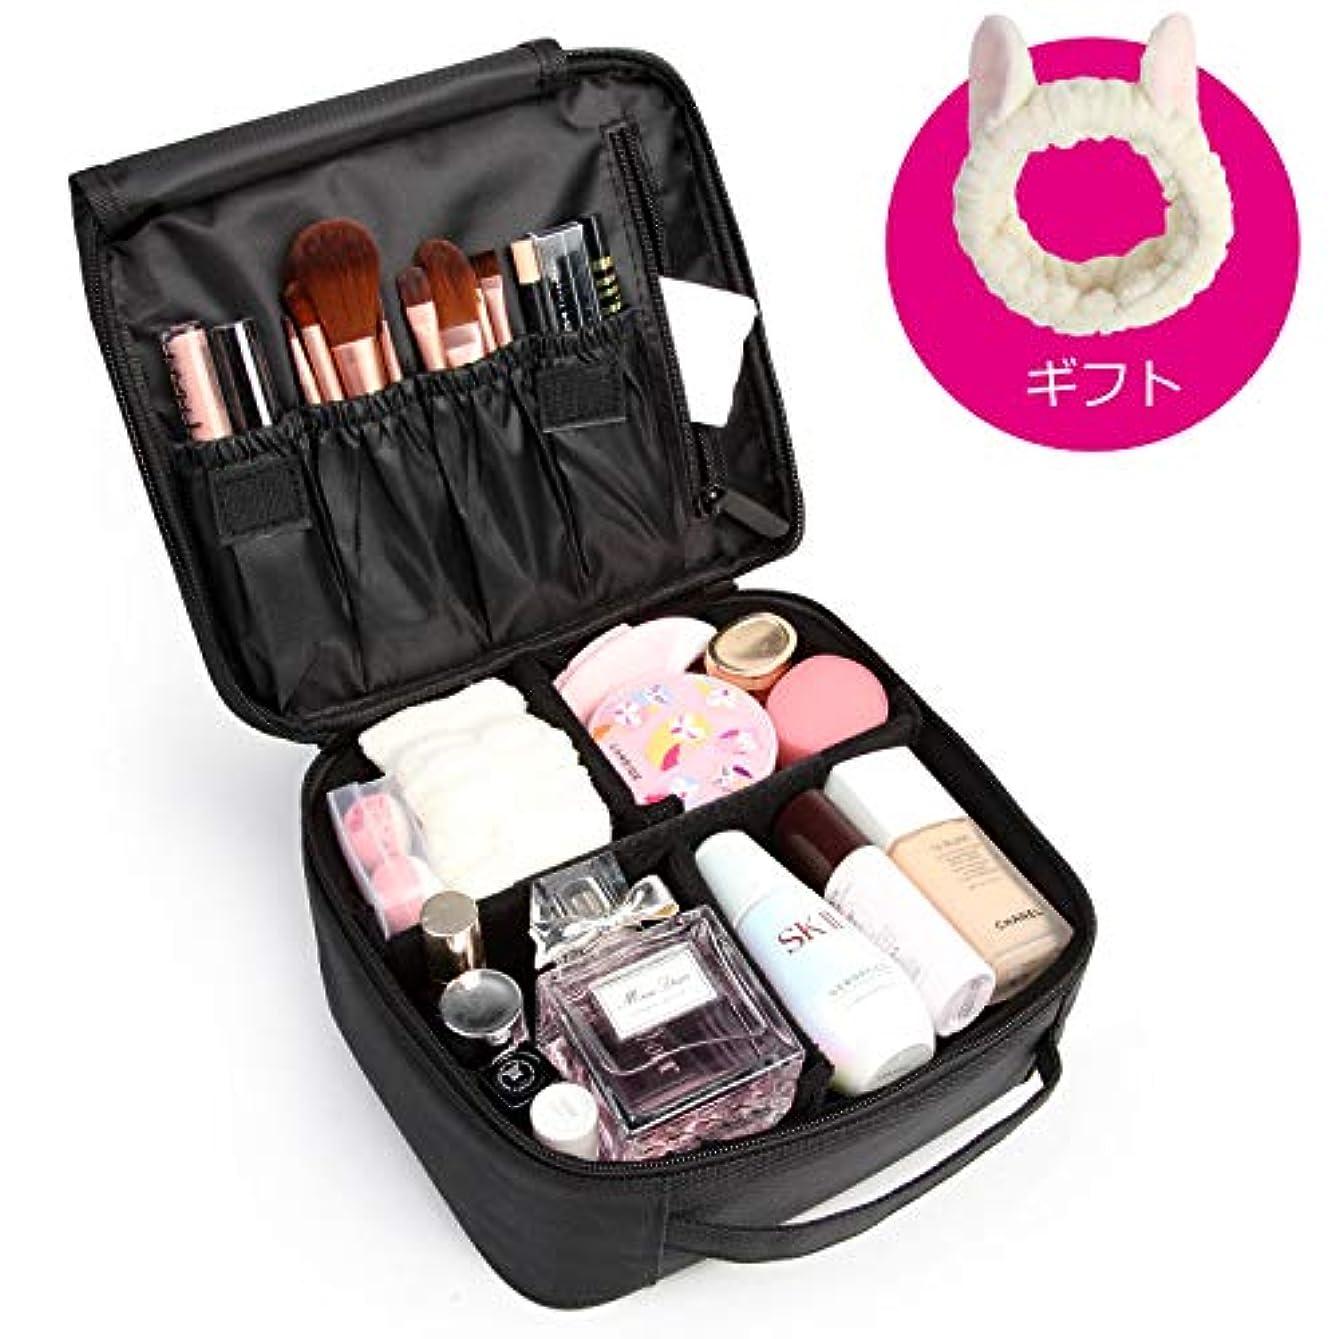 メイクボックス プロ用 AmoVee メイクポーチ 化粧ポーチ 高品質 多機能 大容量 旅行用 洗顔用ヘアバンド付き(ブラック)